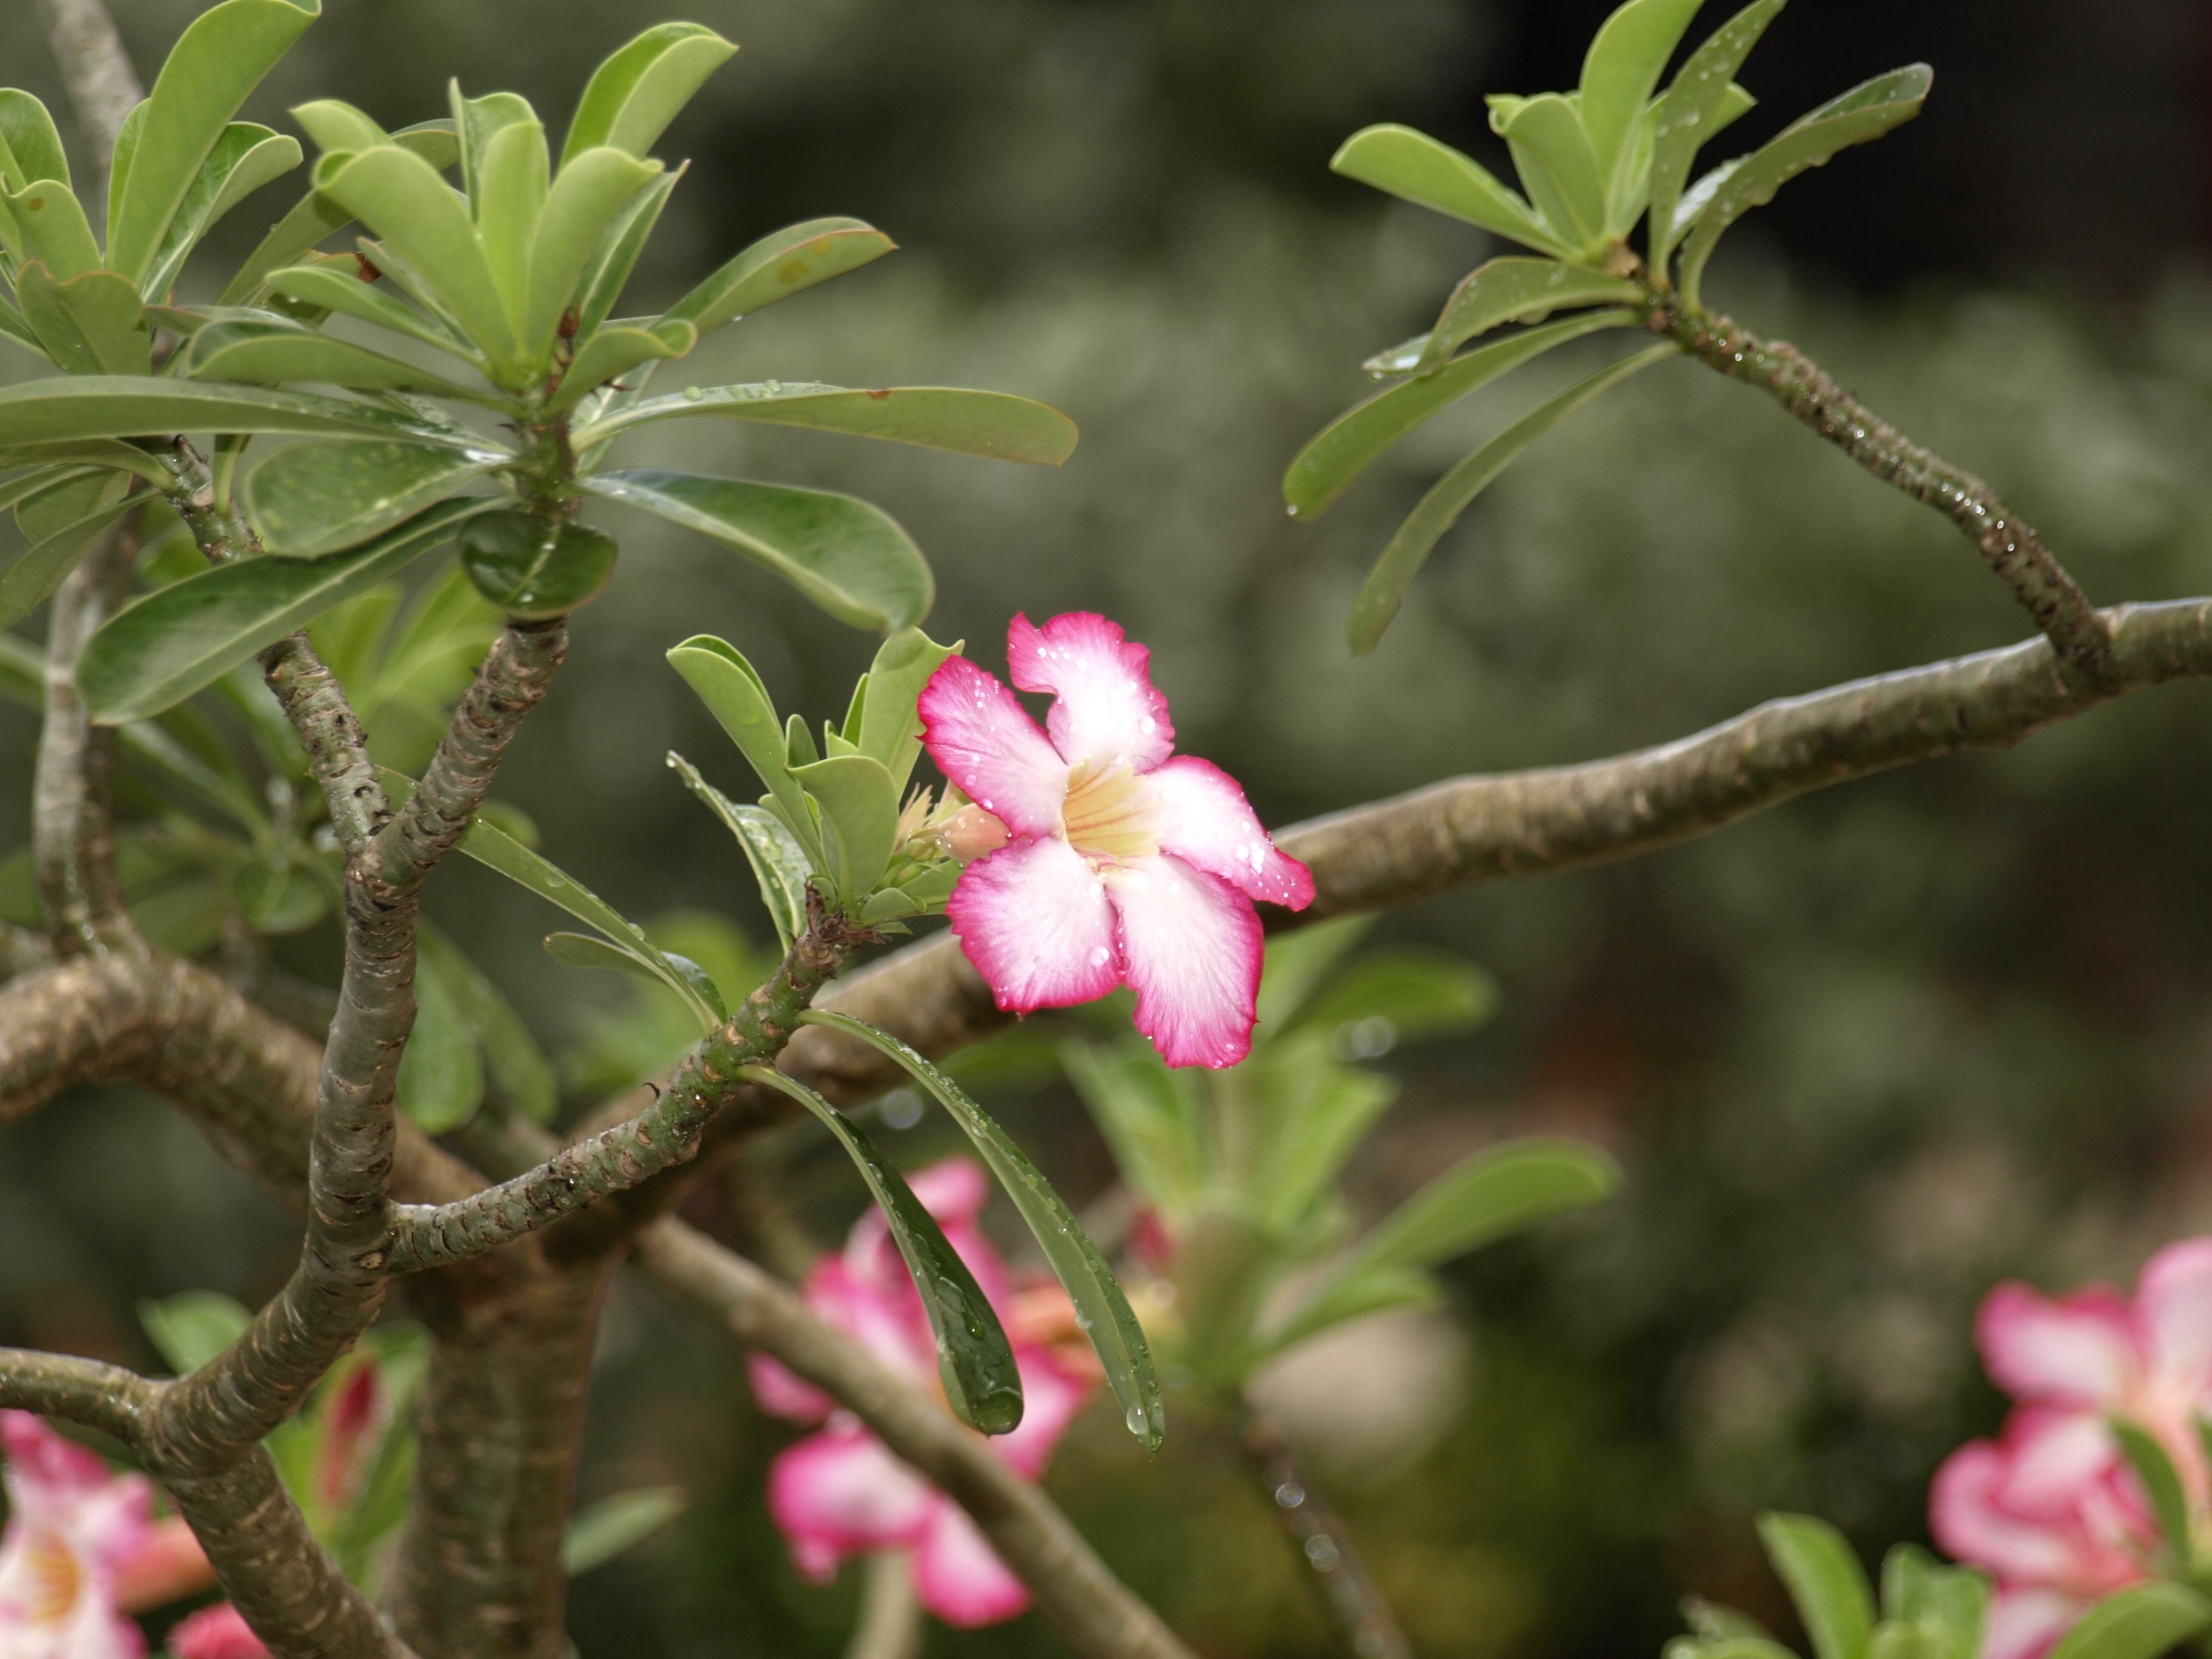 kostenlose foto baum natur ast bl hen wei regen blume busch produzieren tropisch. Black Bedroom Furniture Sets. Home Design Ideas